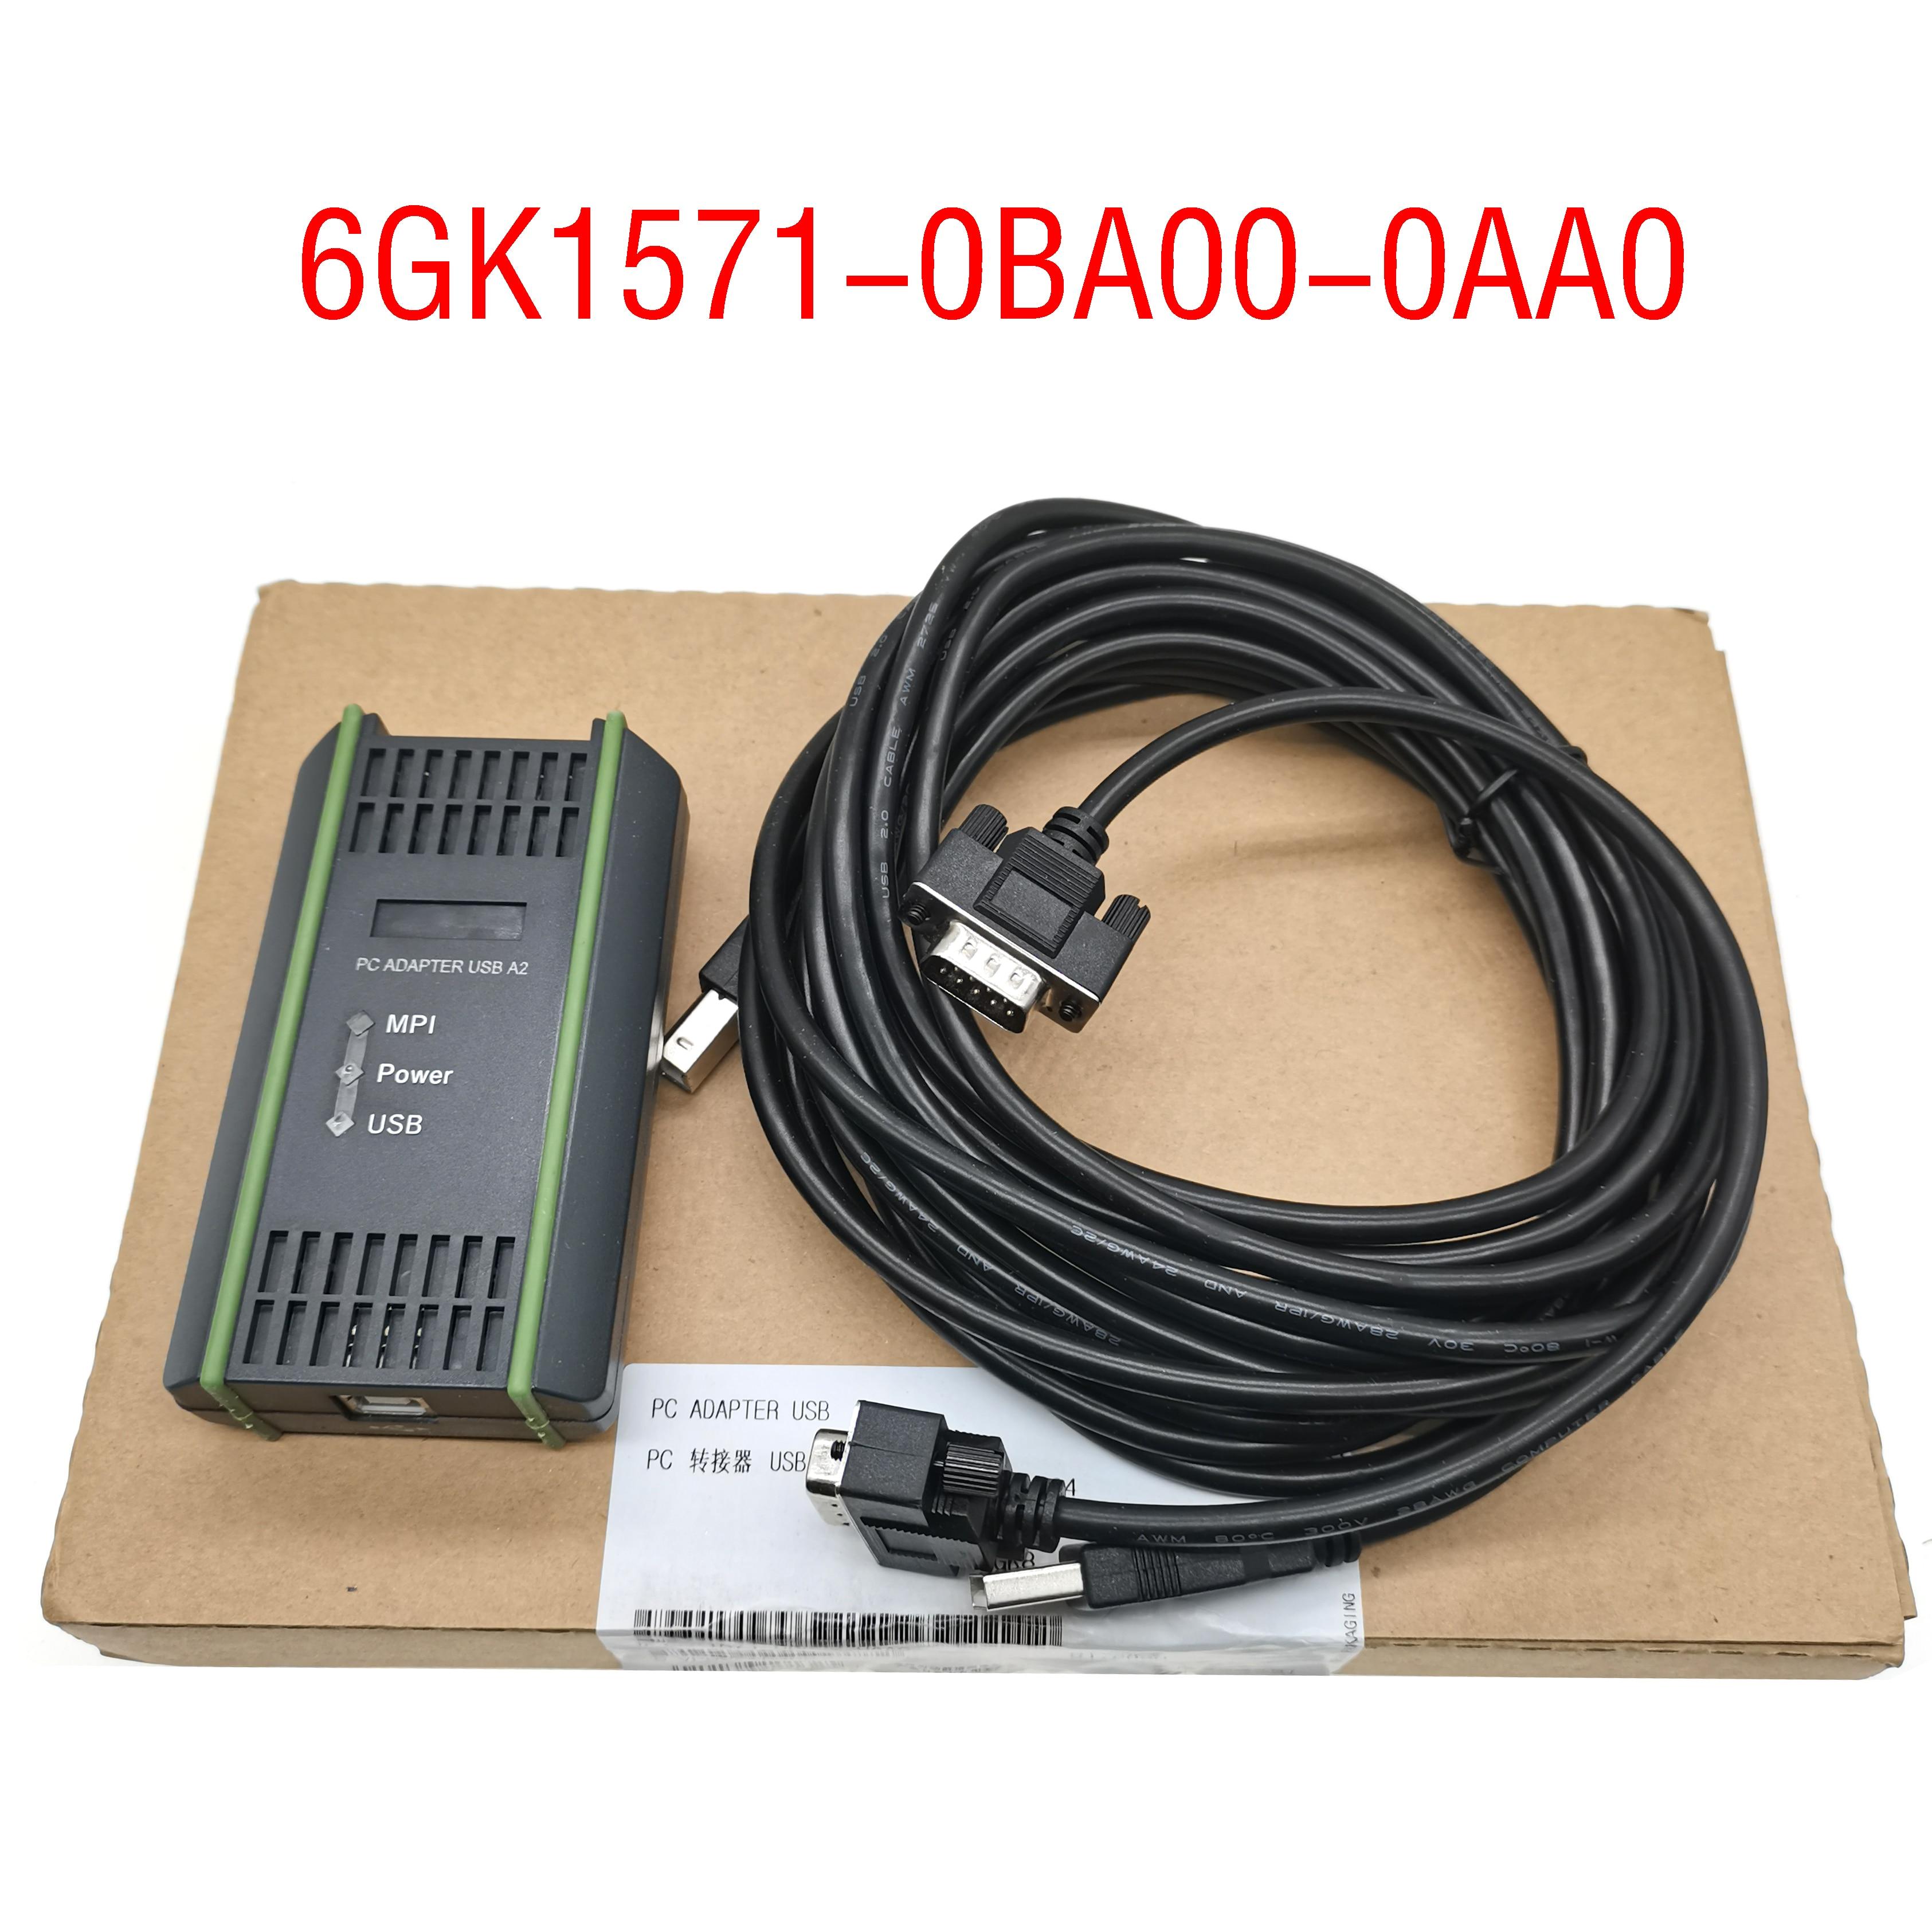 Envío gratuito S7-300 MPI cabo 6GK1 571-0BA00-0AA0 6GK1571-0BA00-0AA0 ADAPTADOR USB PC A2...